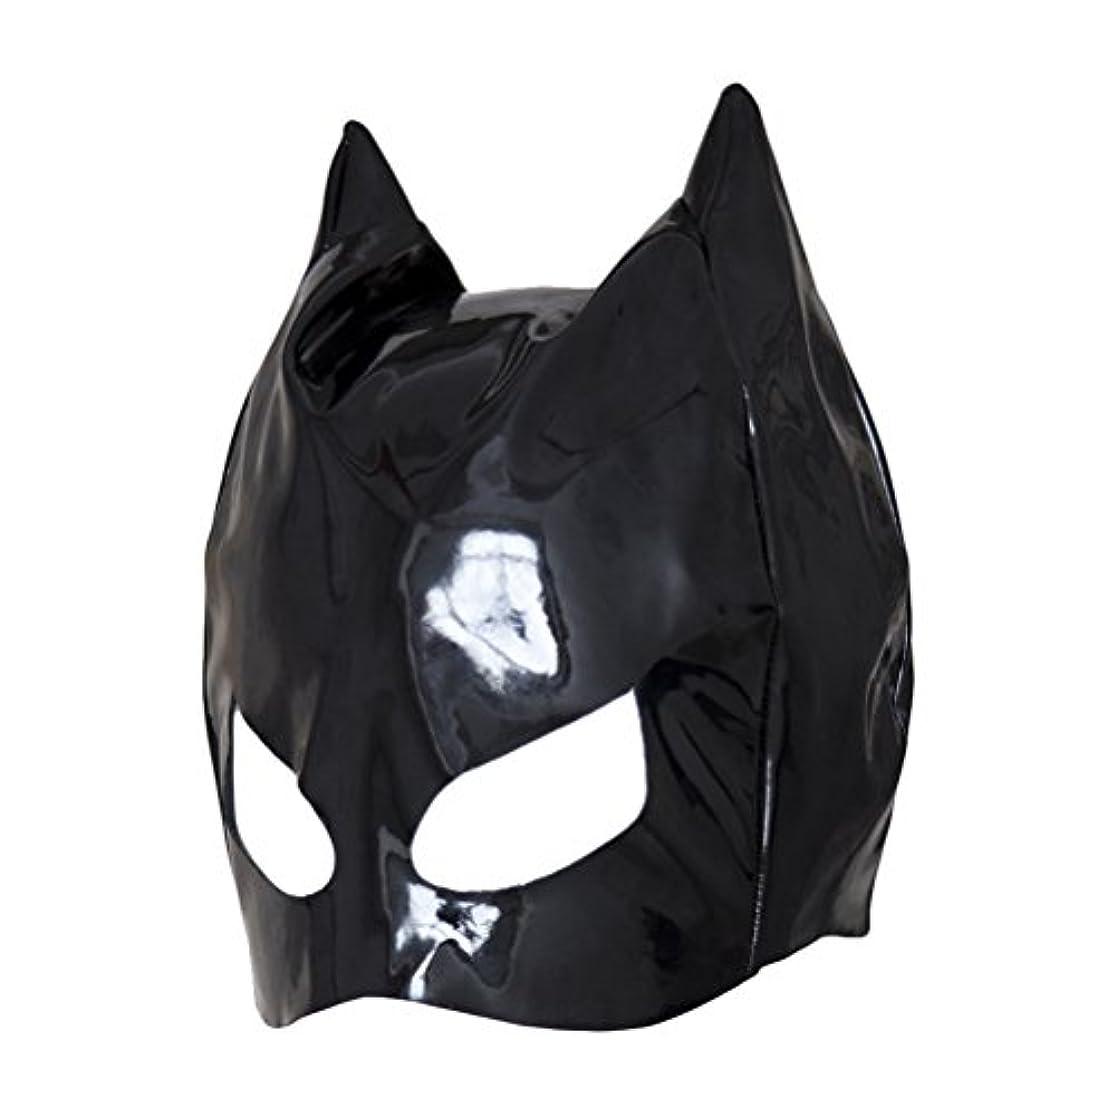 燃やすホテル基本的なHealifty 全頭マスク フェイスカバー オープンアイズ PUレザーフード コスプレ 衣装帽子 ユニセックス (ブラック)